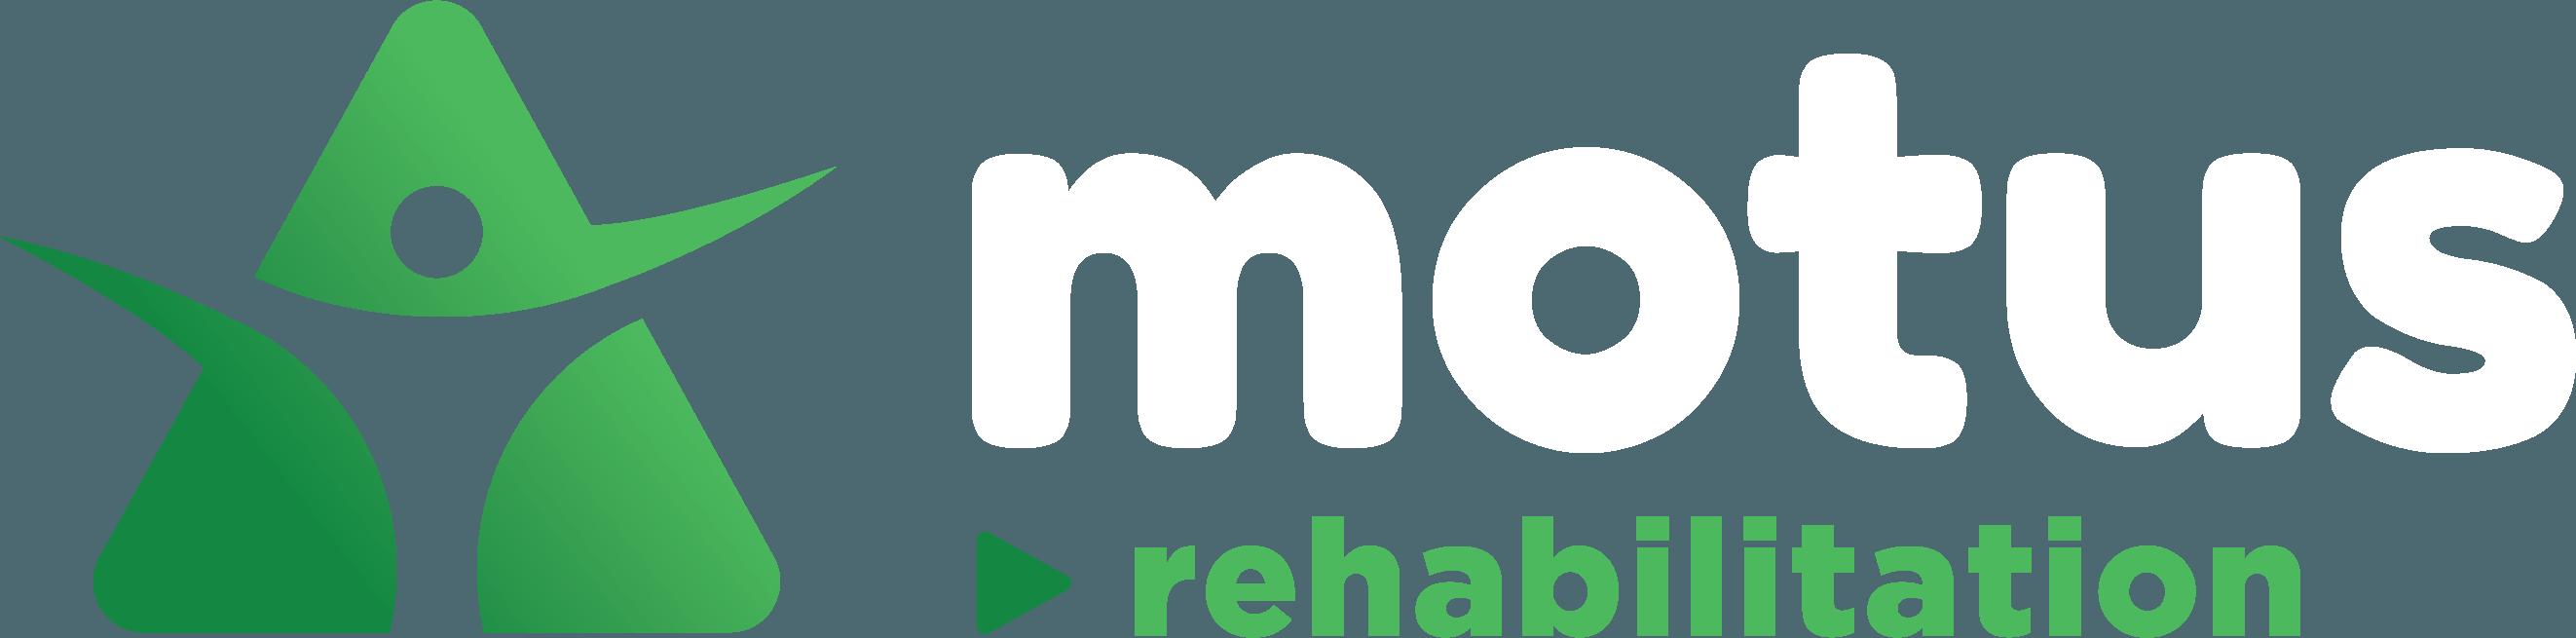 motus rehabilitation inverse